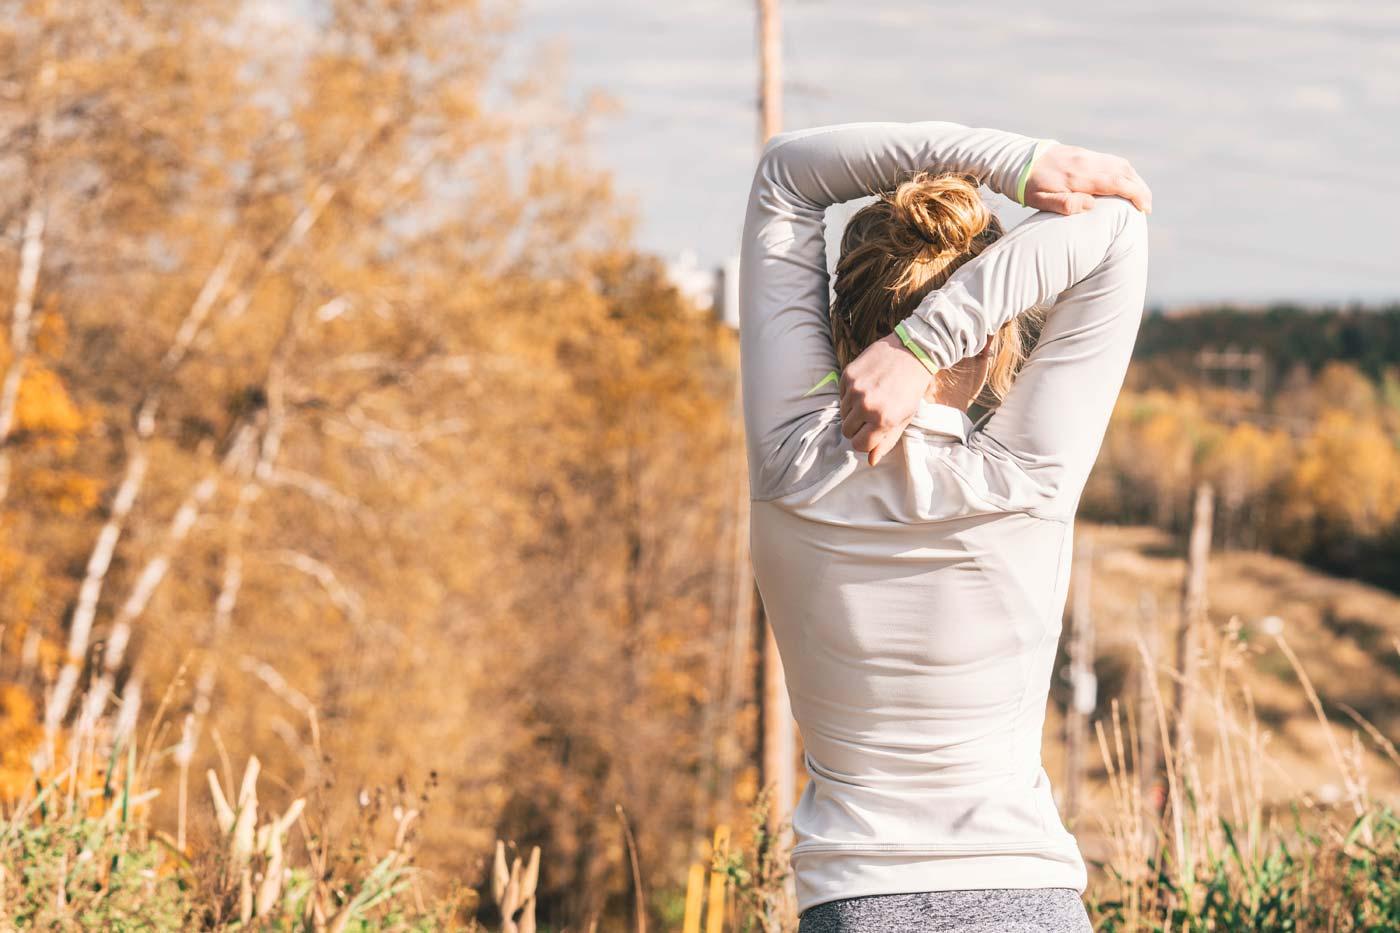 Ćwiczenia na świeżym powietrzu należą do naturalnych sposobów wzmacniających naszą odporność.